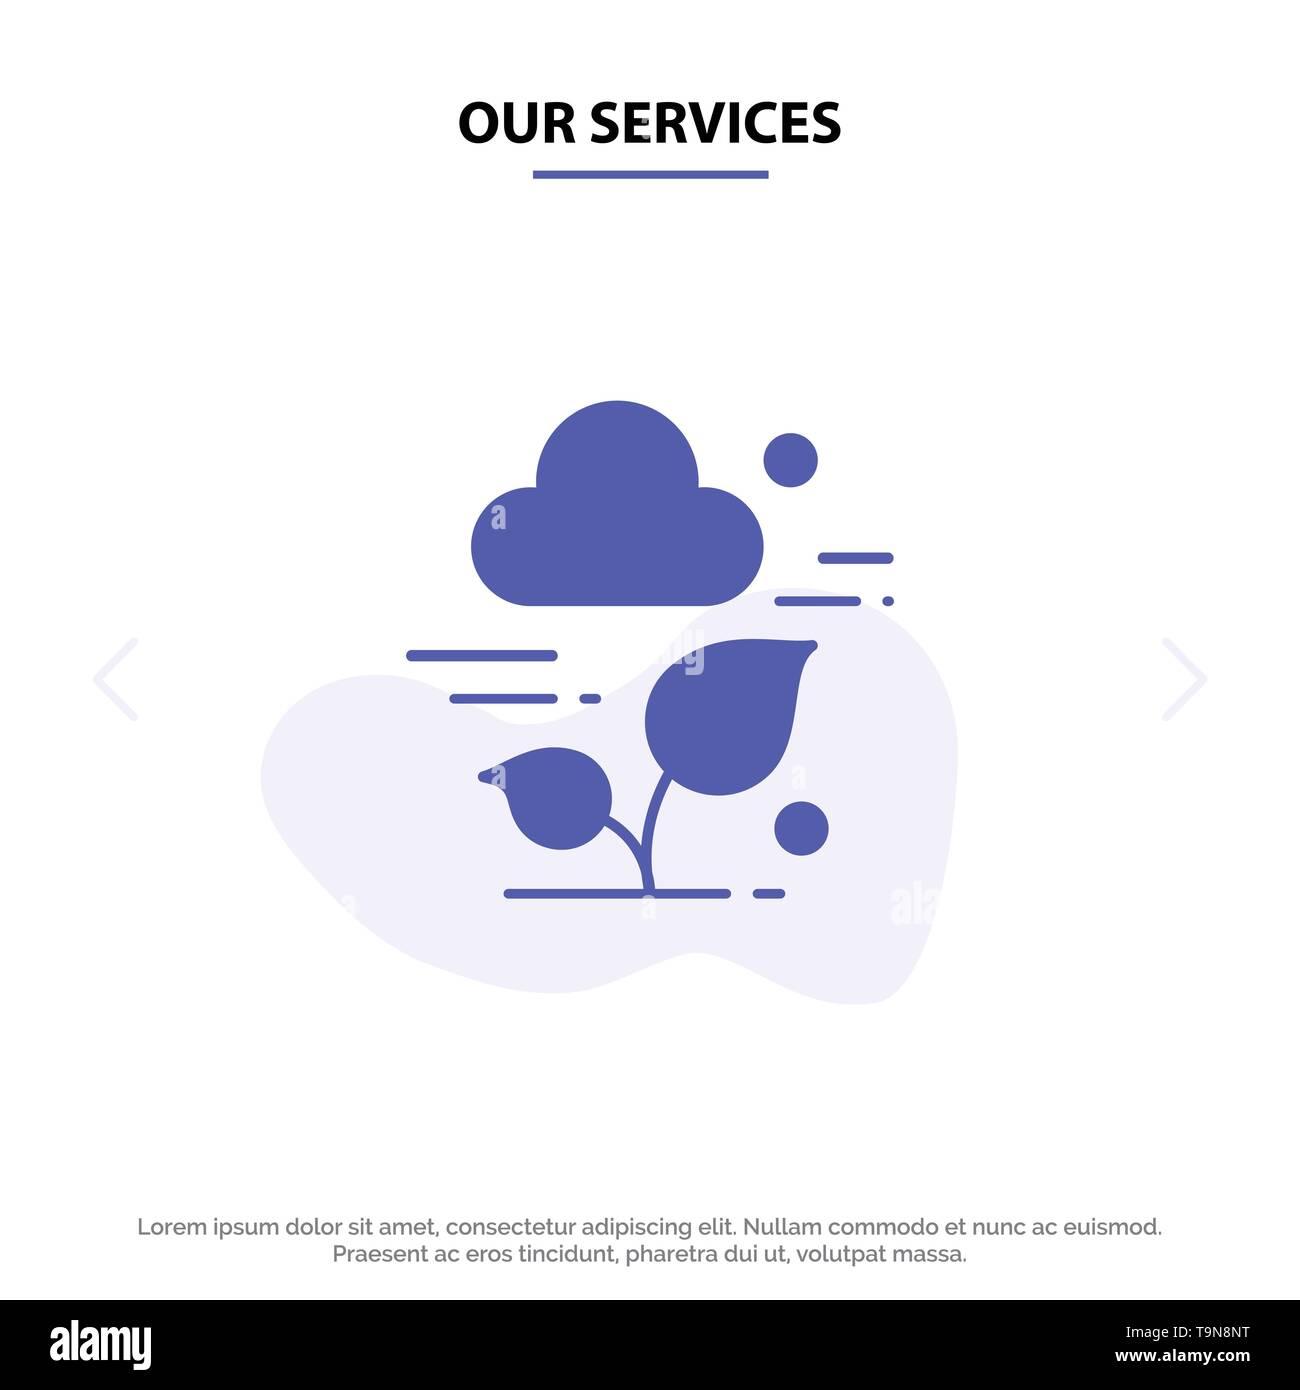 Unsere Leistungen Anlage, Cloud, Blatt, Technologie solide Glyph Icon Web Karte Vorlage Stockbild